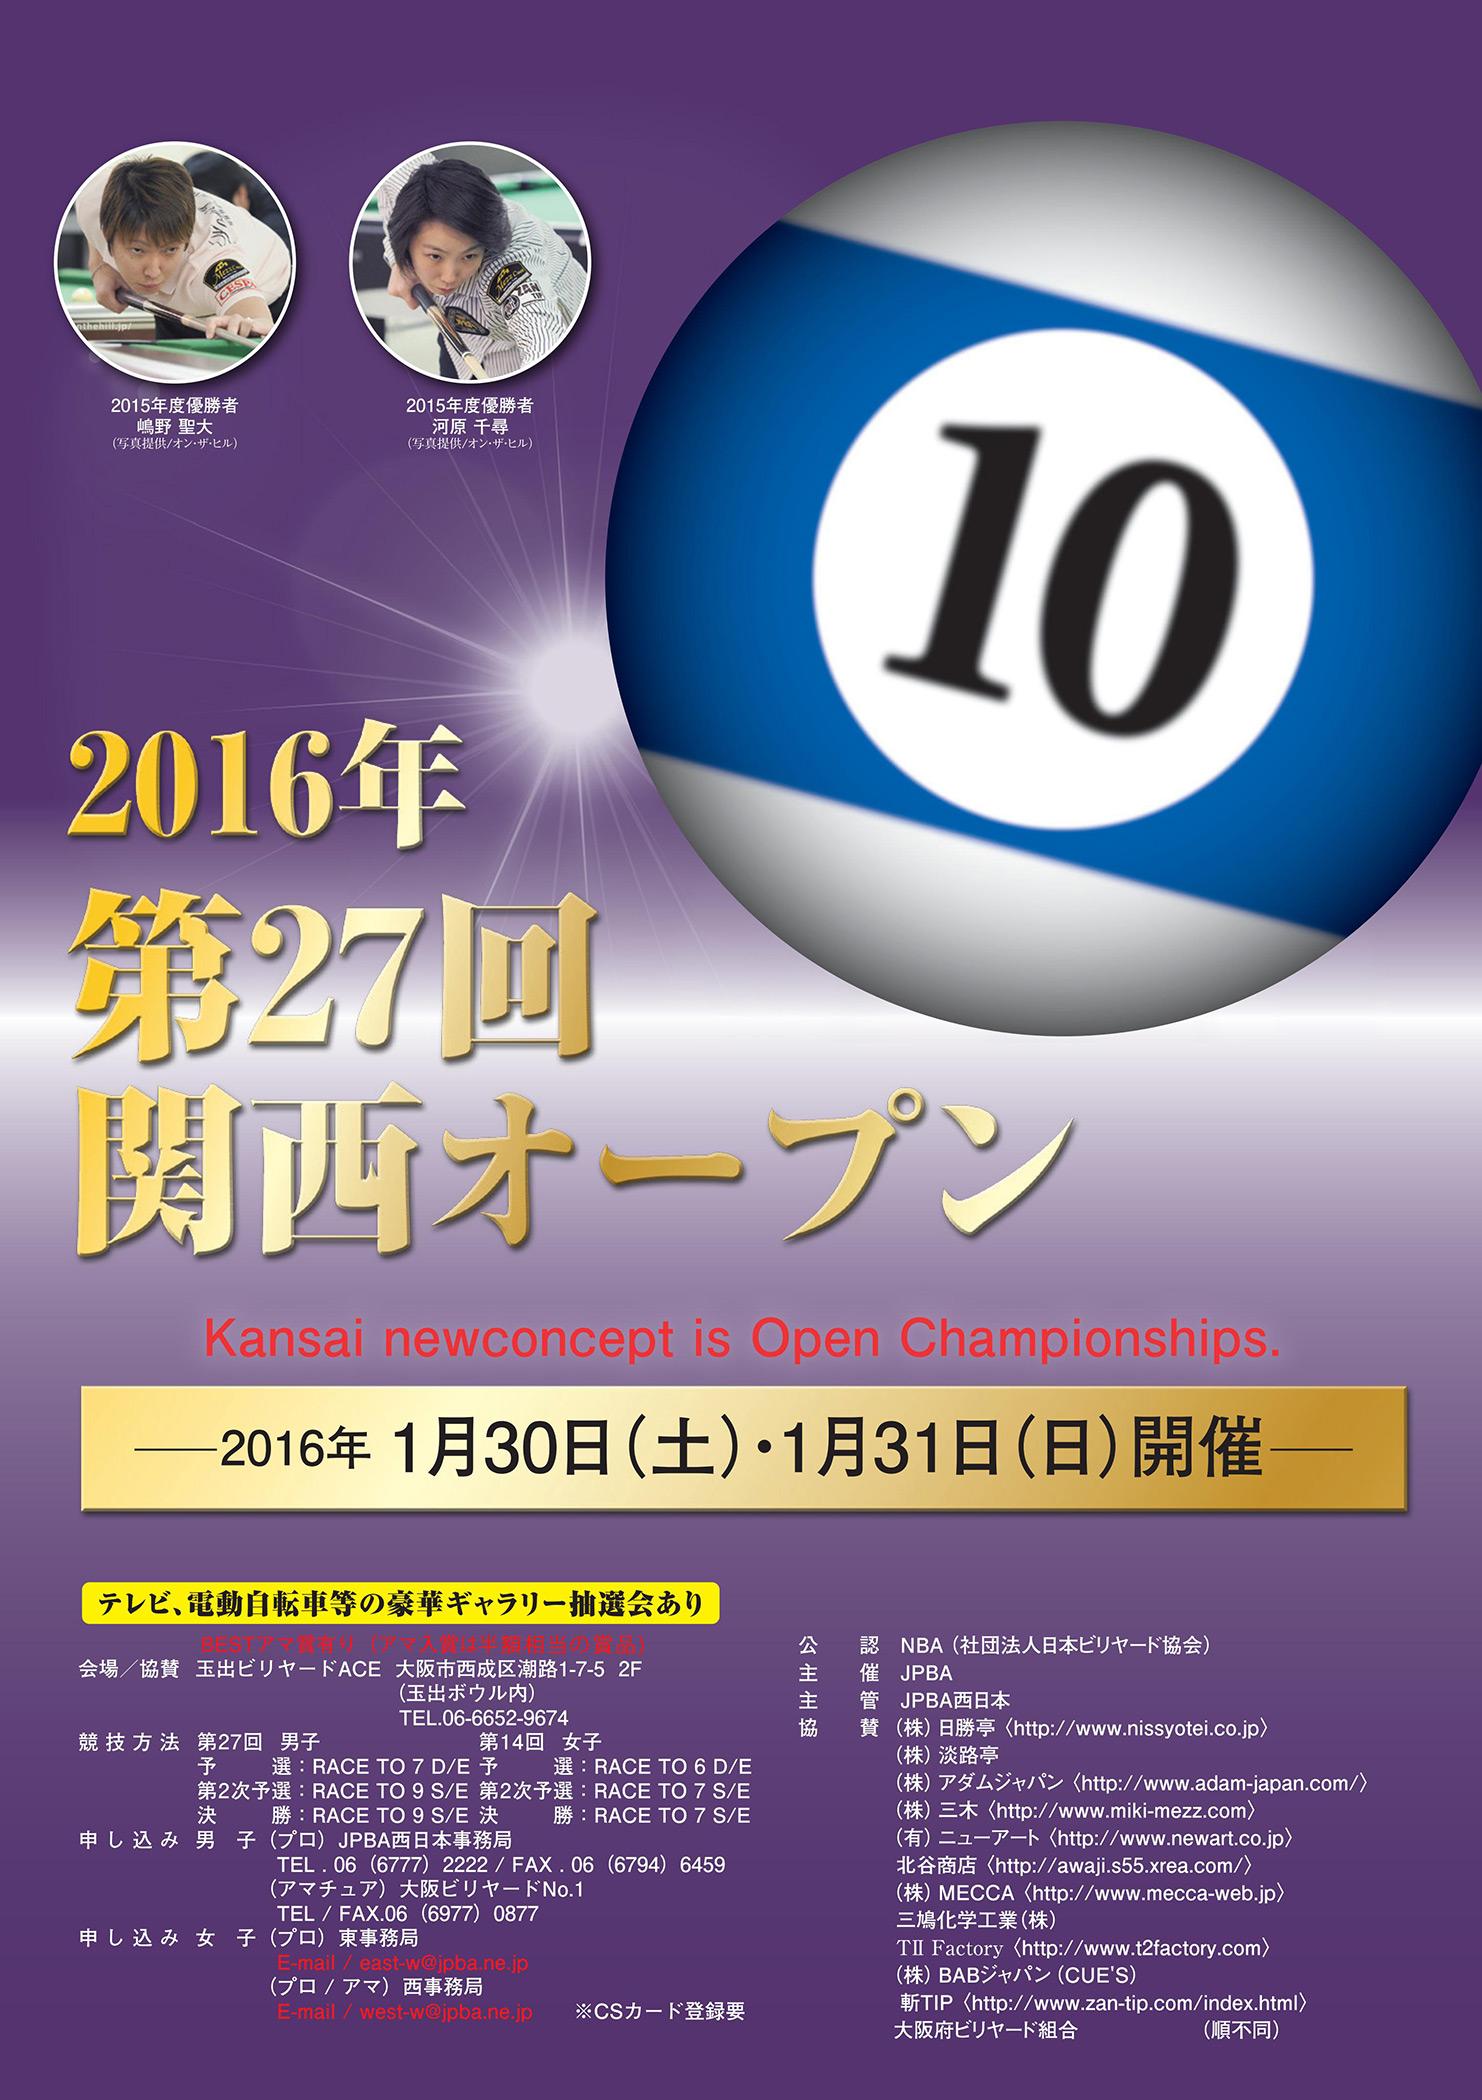 2016ポスター_関西O_edit